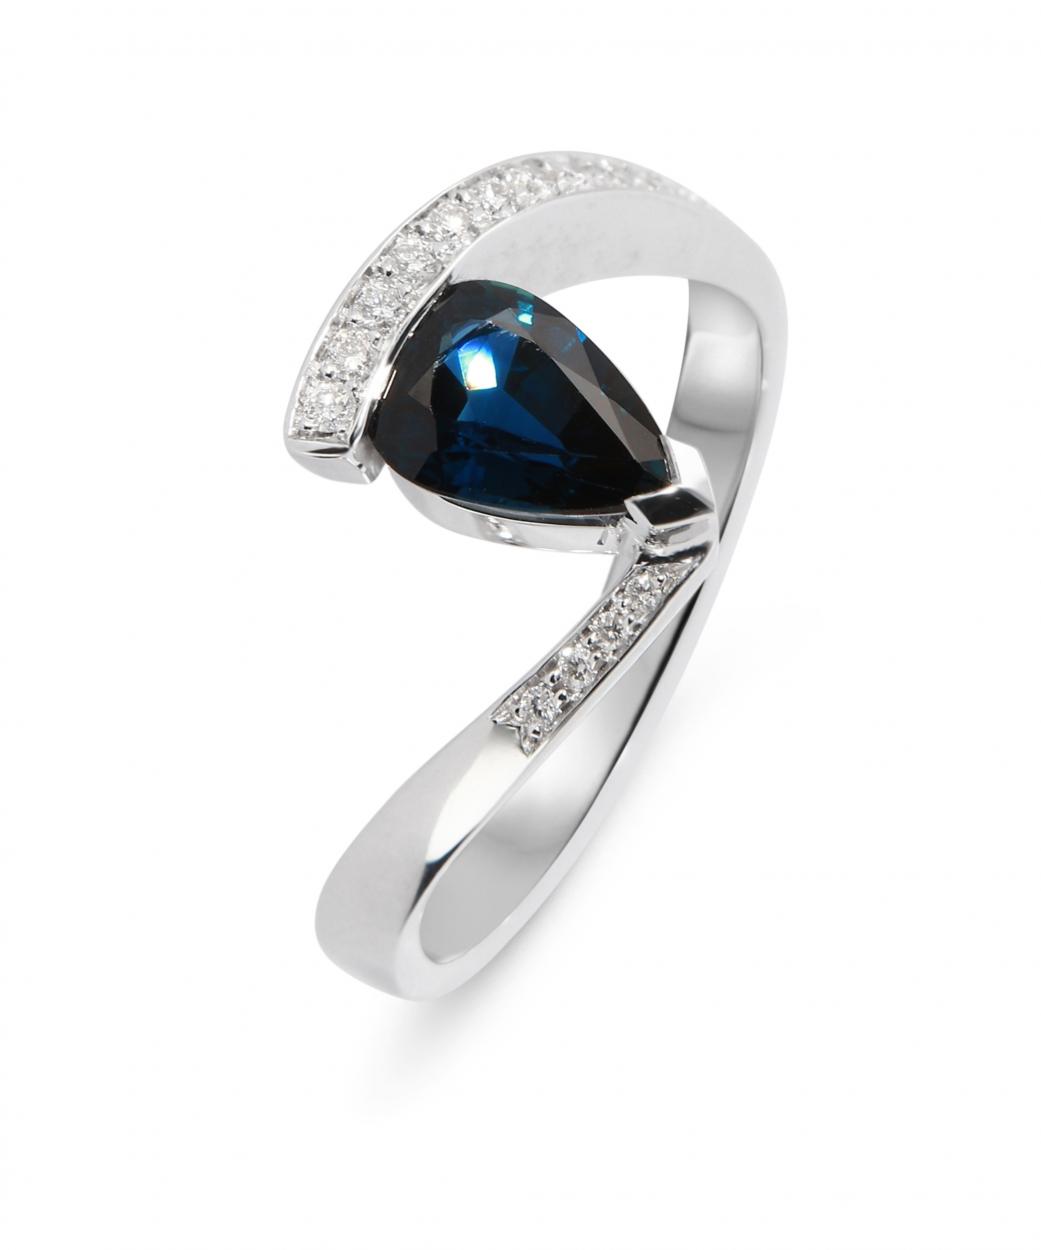 Connu Bague Saphir Poire 8x6mm et Diamant Or Blanc Ref. 33219 UR26